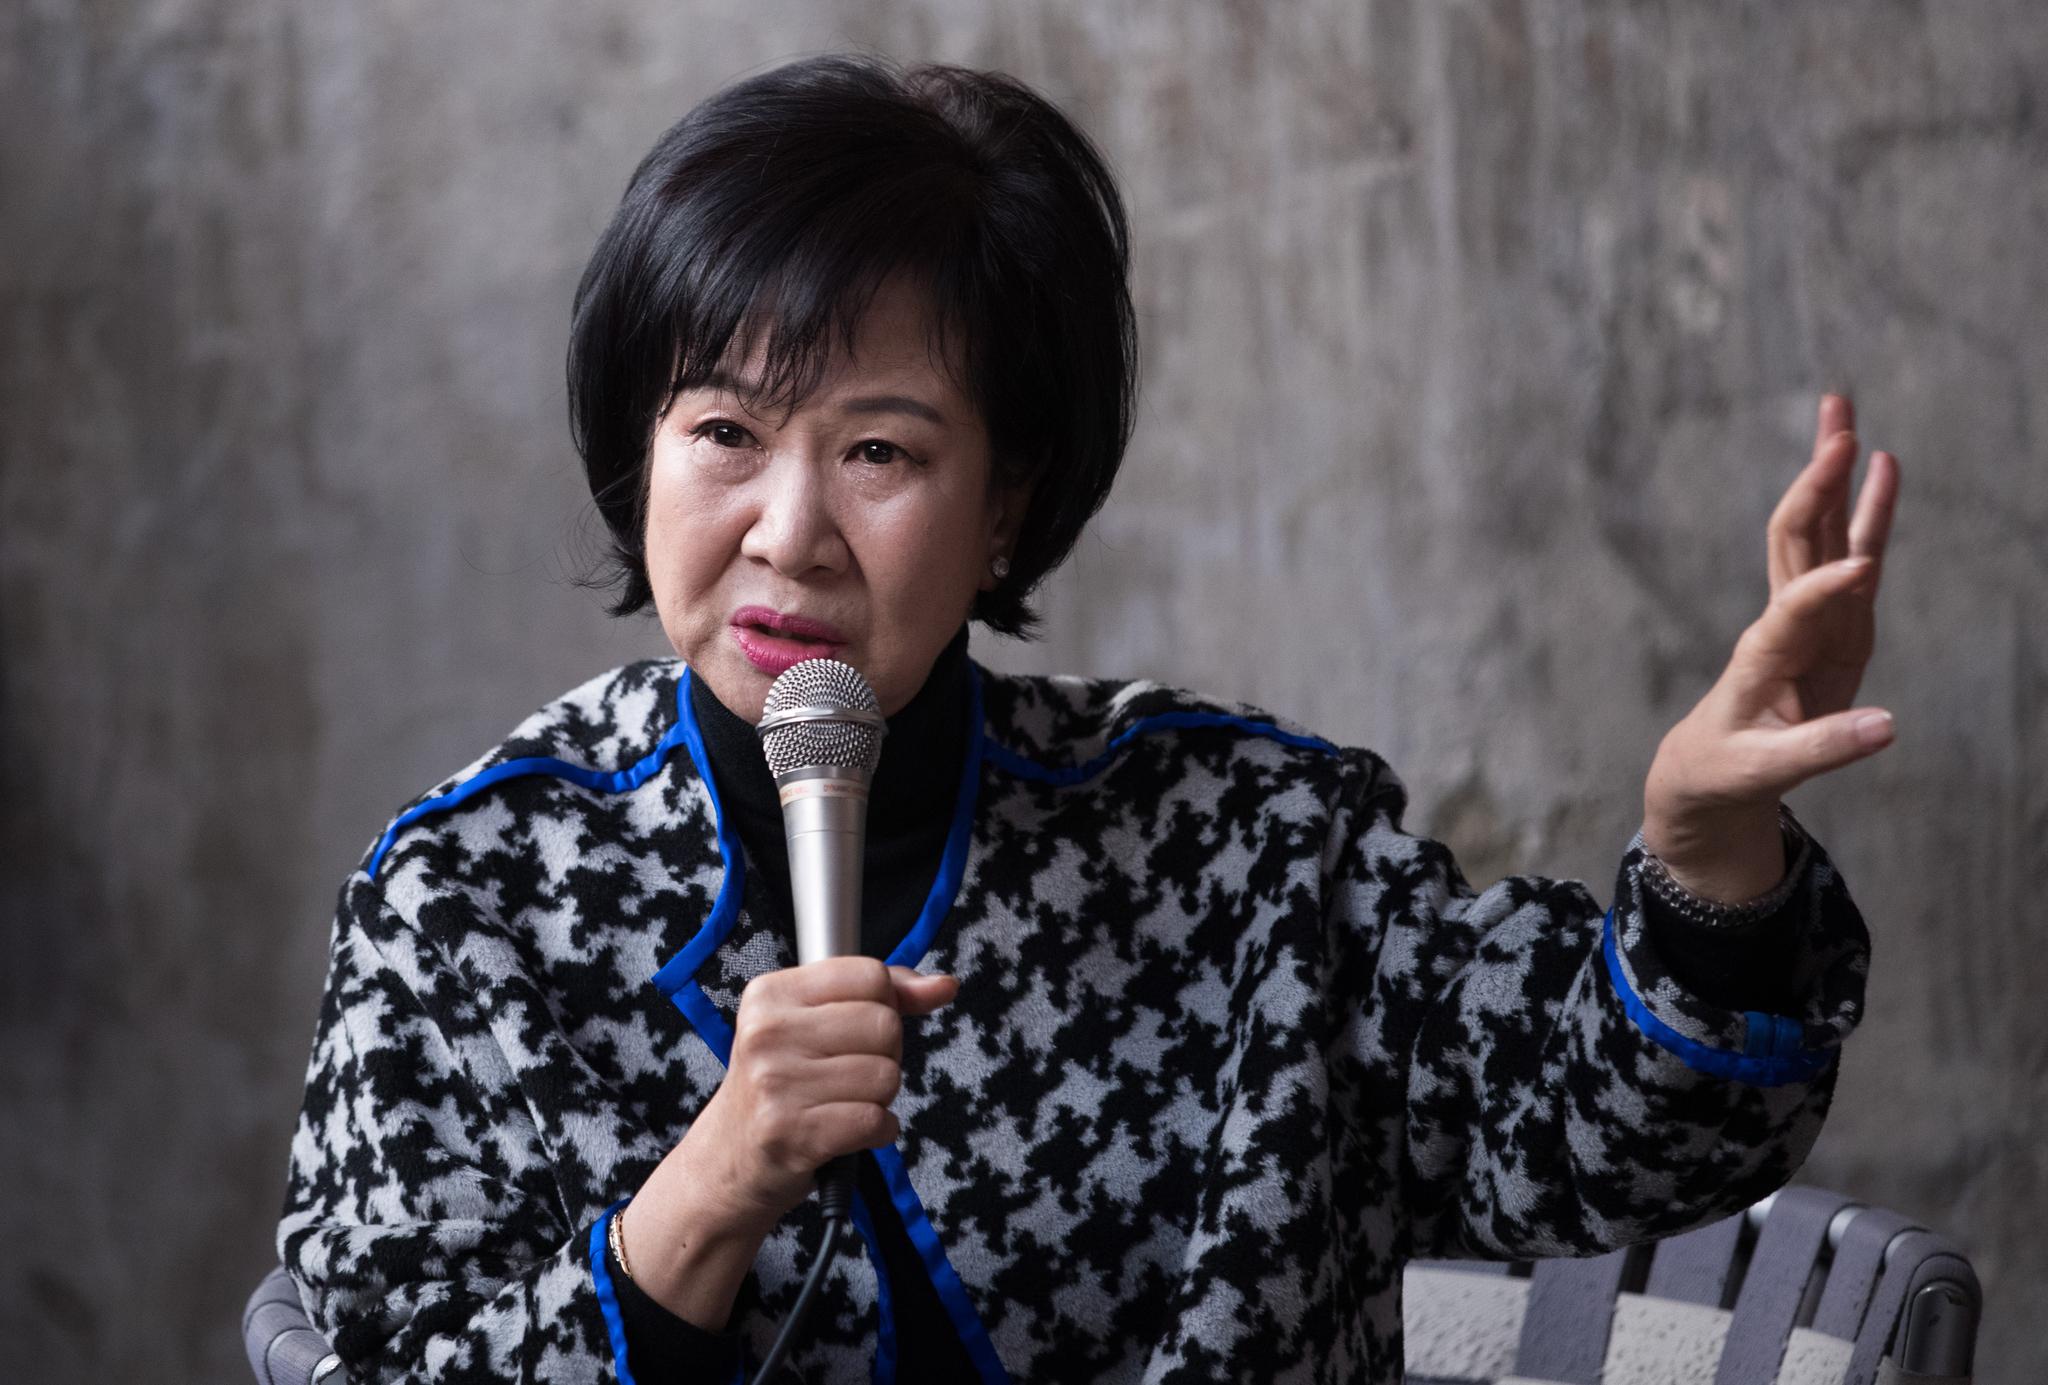 부동산 투기 의혹을 받고 있는 손혜원 의원이 지난 1월 23일 전남 목포 역사문화거리 박물관 건립 예정지에서 기자회견을 하고 있다. [중앙포토]